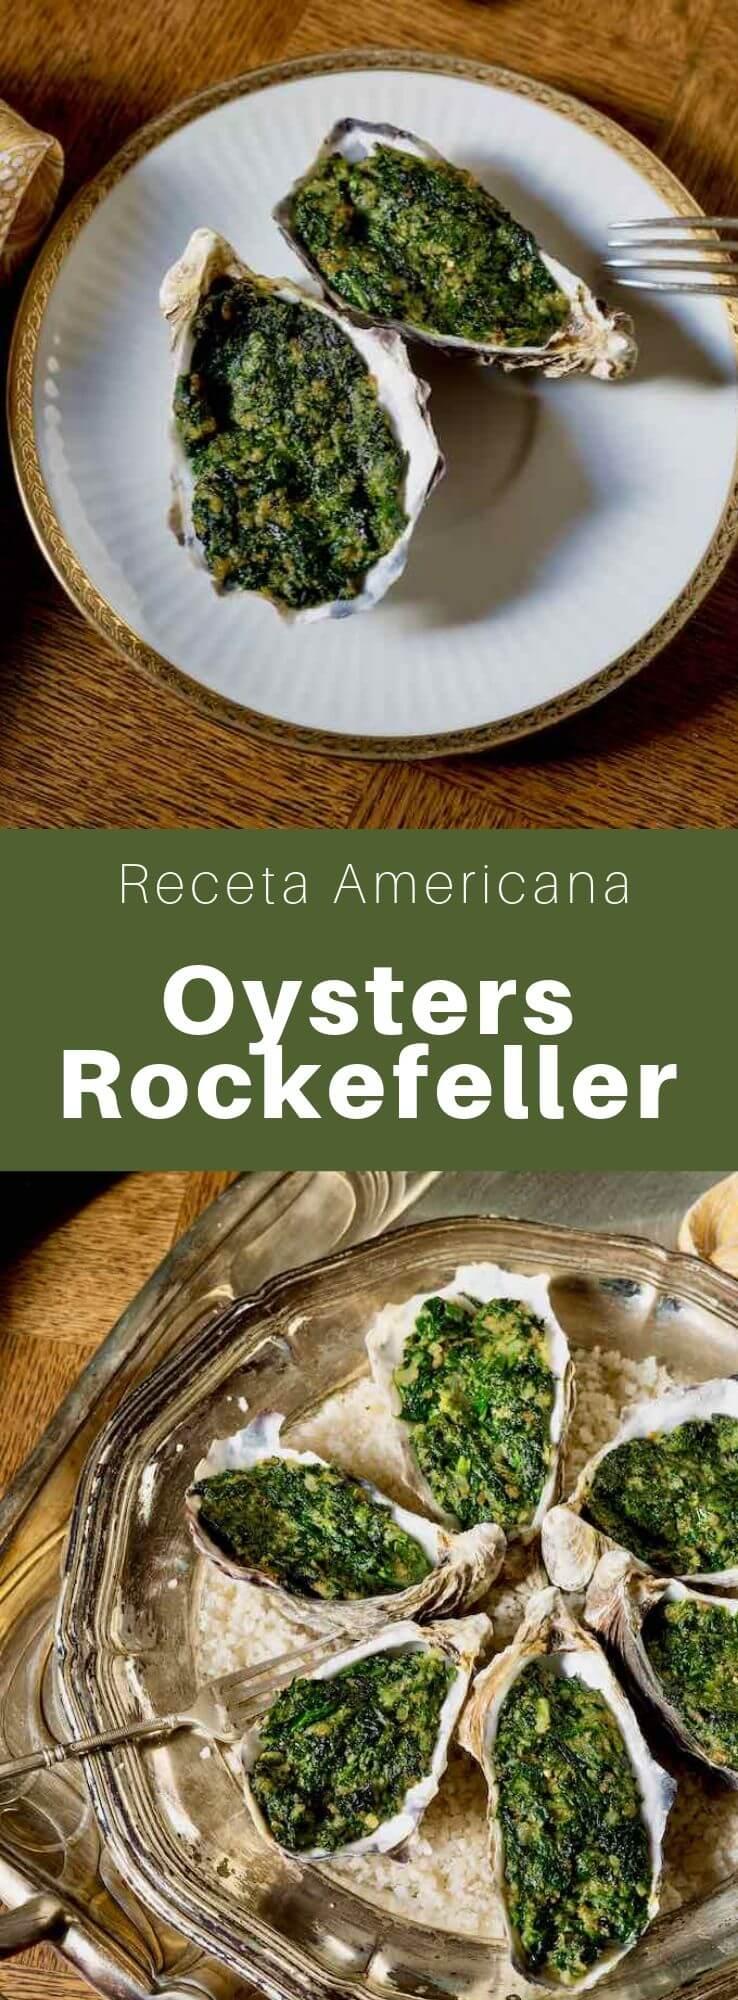 Las ostras Rockefeller son un plato tradicional de Nueva Orleans que consiste en ostras cubiertas con salsa de mantequilla, espinacas y migas de pan, que luego se tuestan.